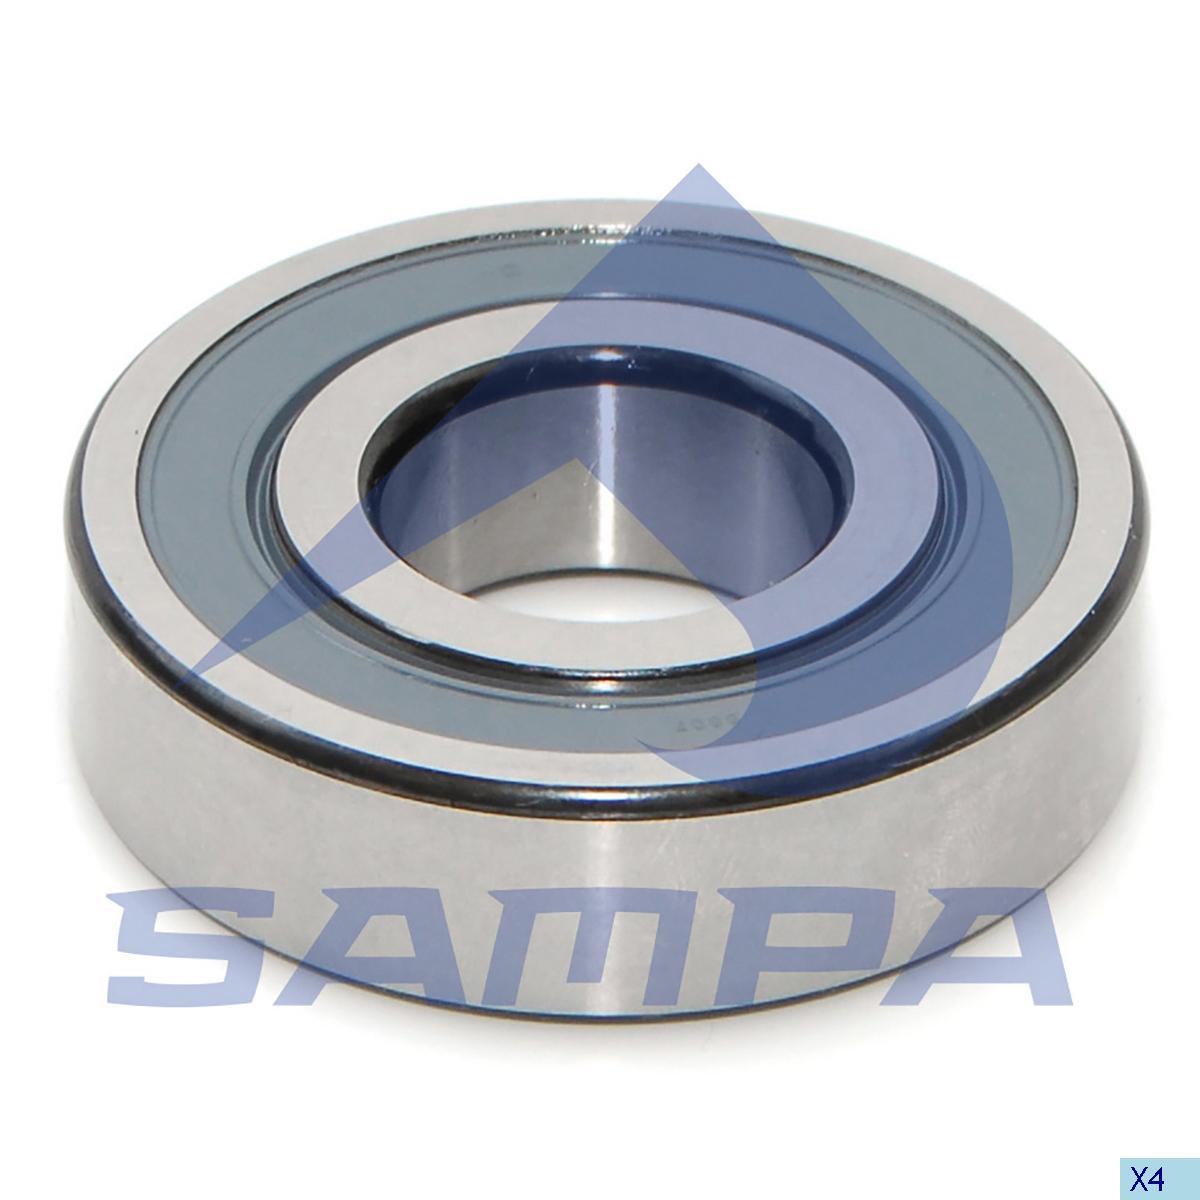 Bearing, Flywheel, Volvo, Engine